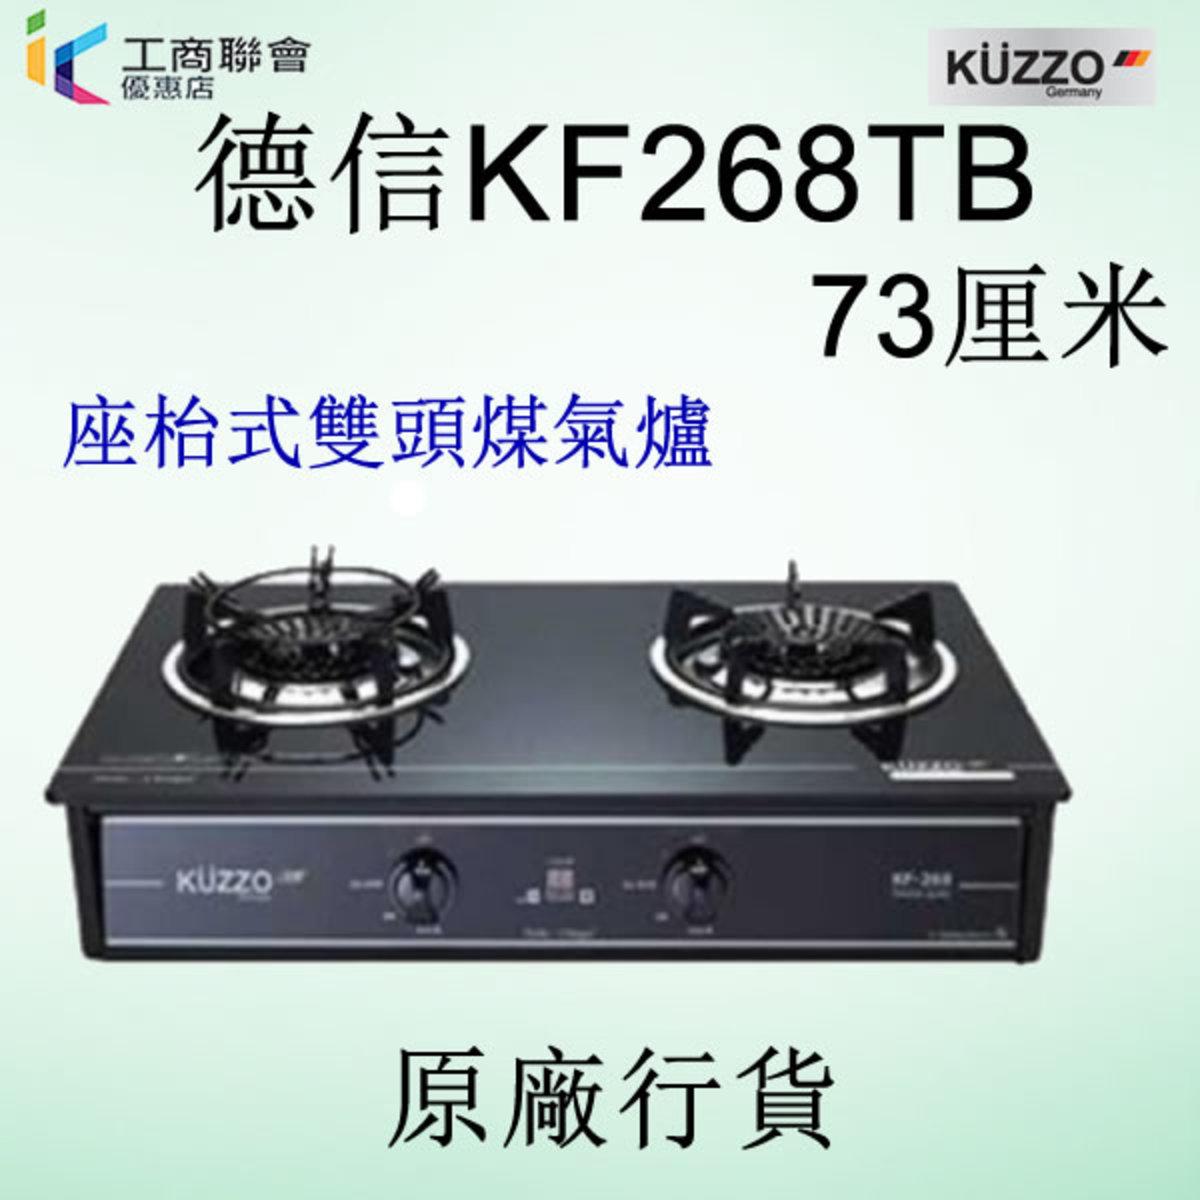 KF268T 73厘米 座枱式雙頭煤氣爐